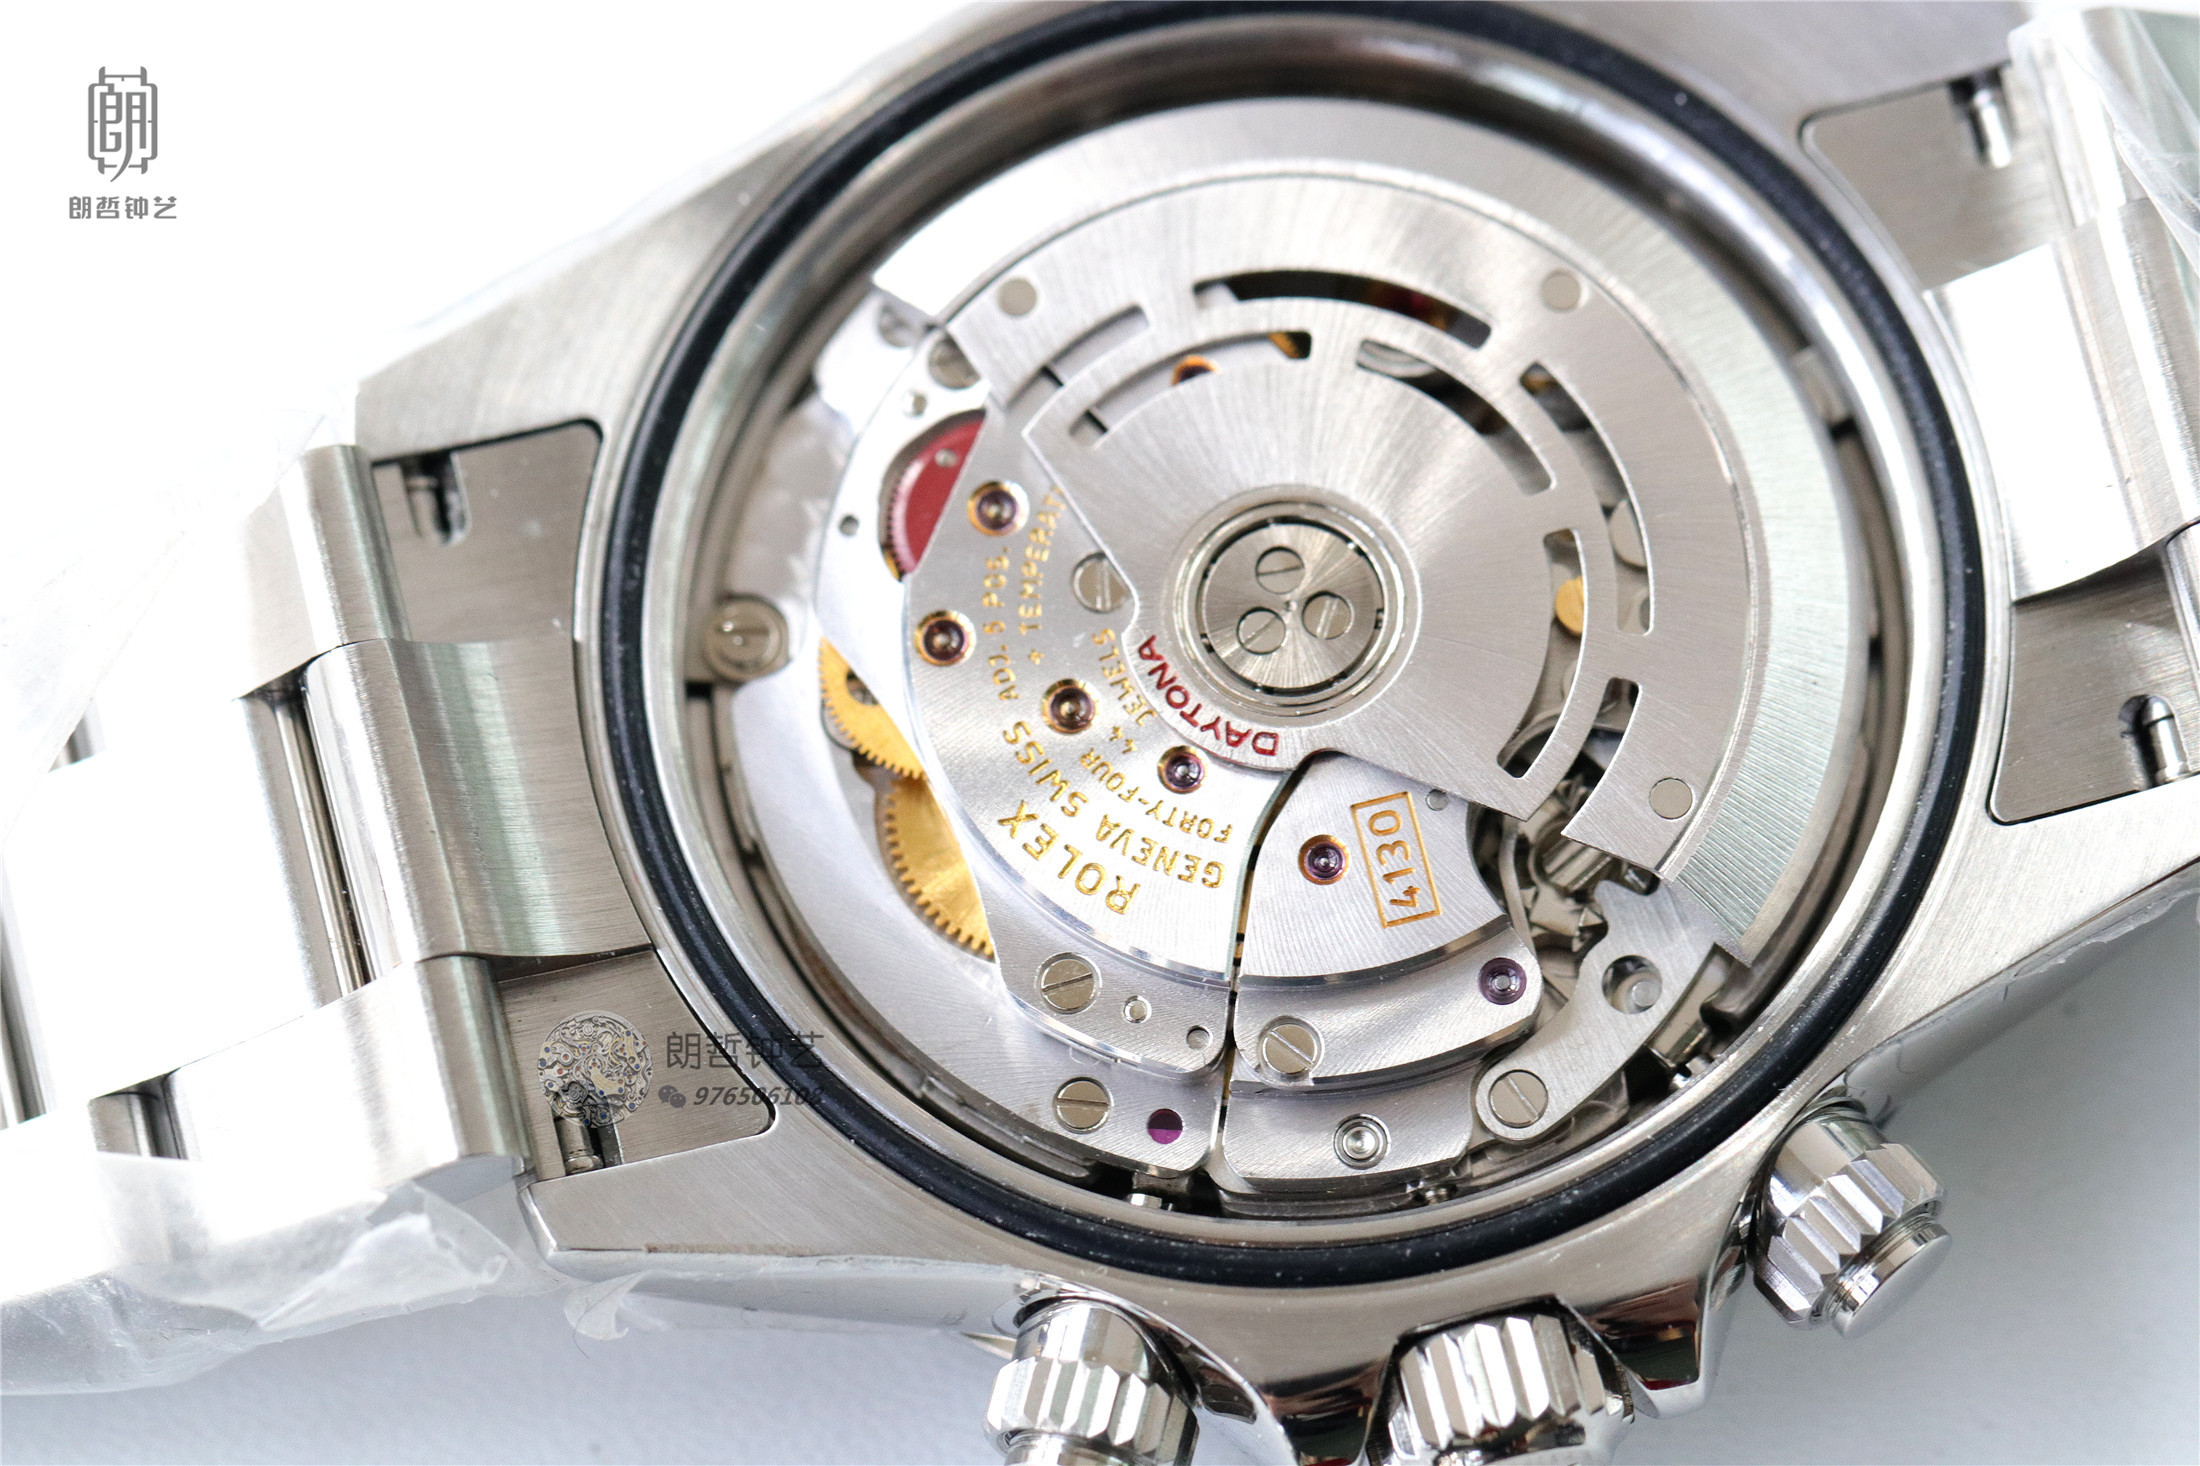 朗哲钟艺:男人的私人玩物,收纳盒中总是少一块像样的腕表